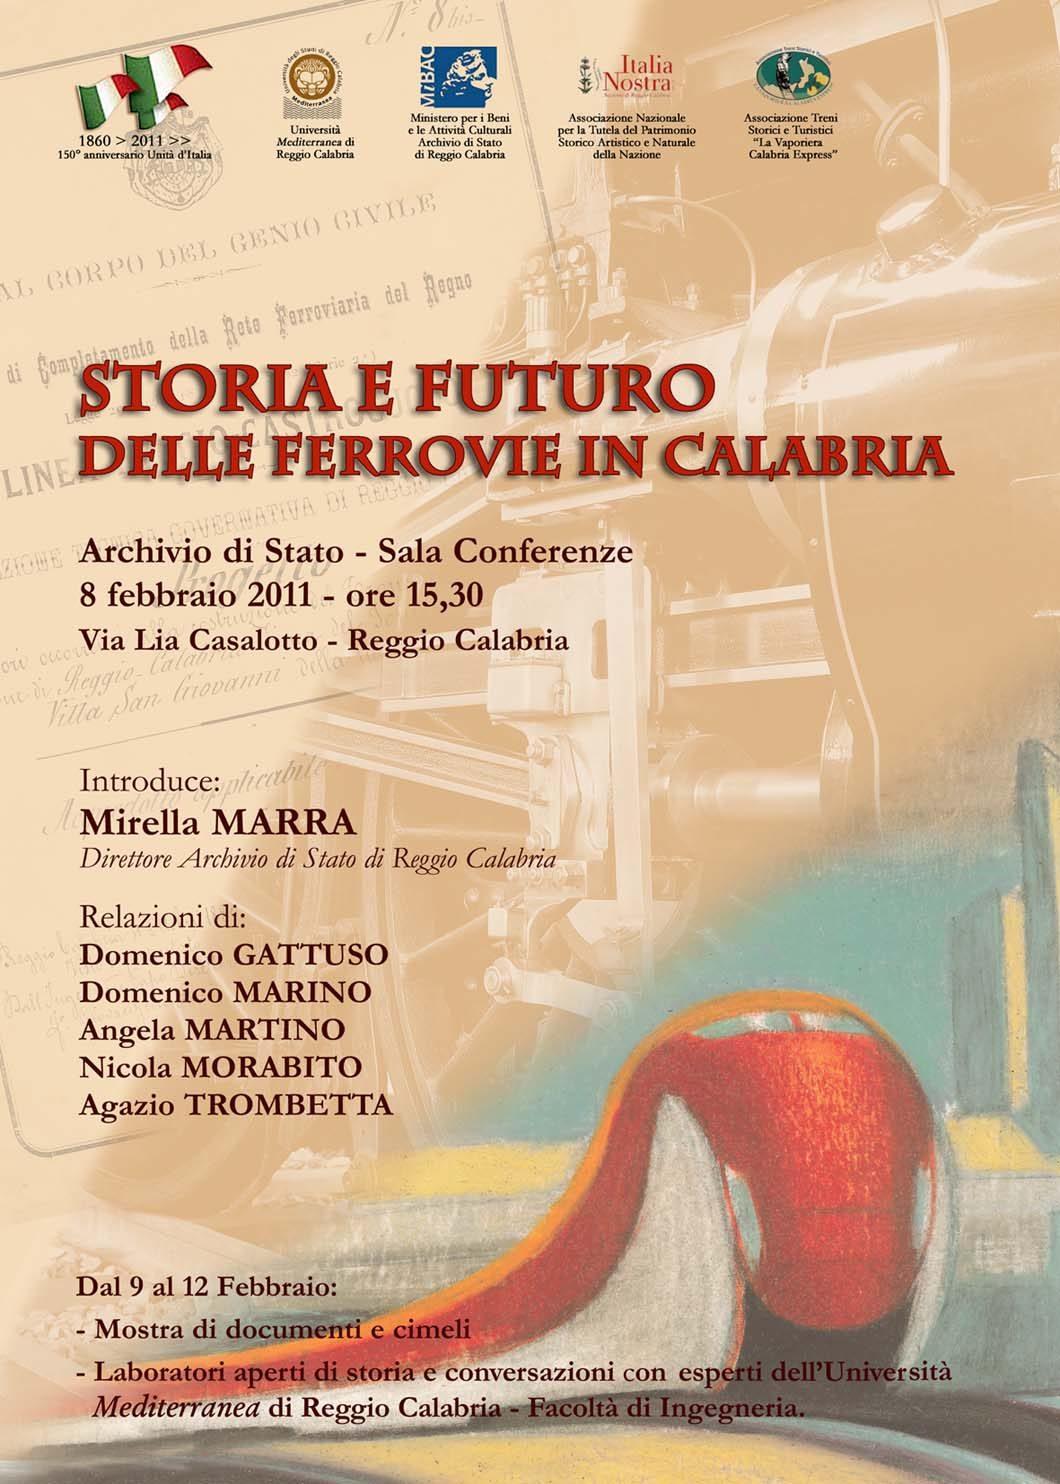 image Milano di giorno 2011 full movie amateur Part 6